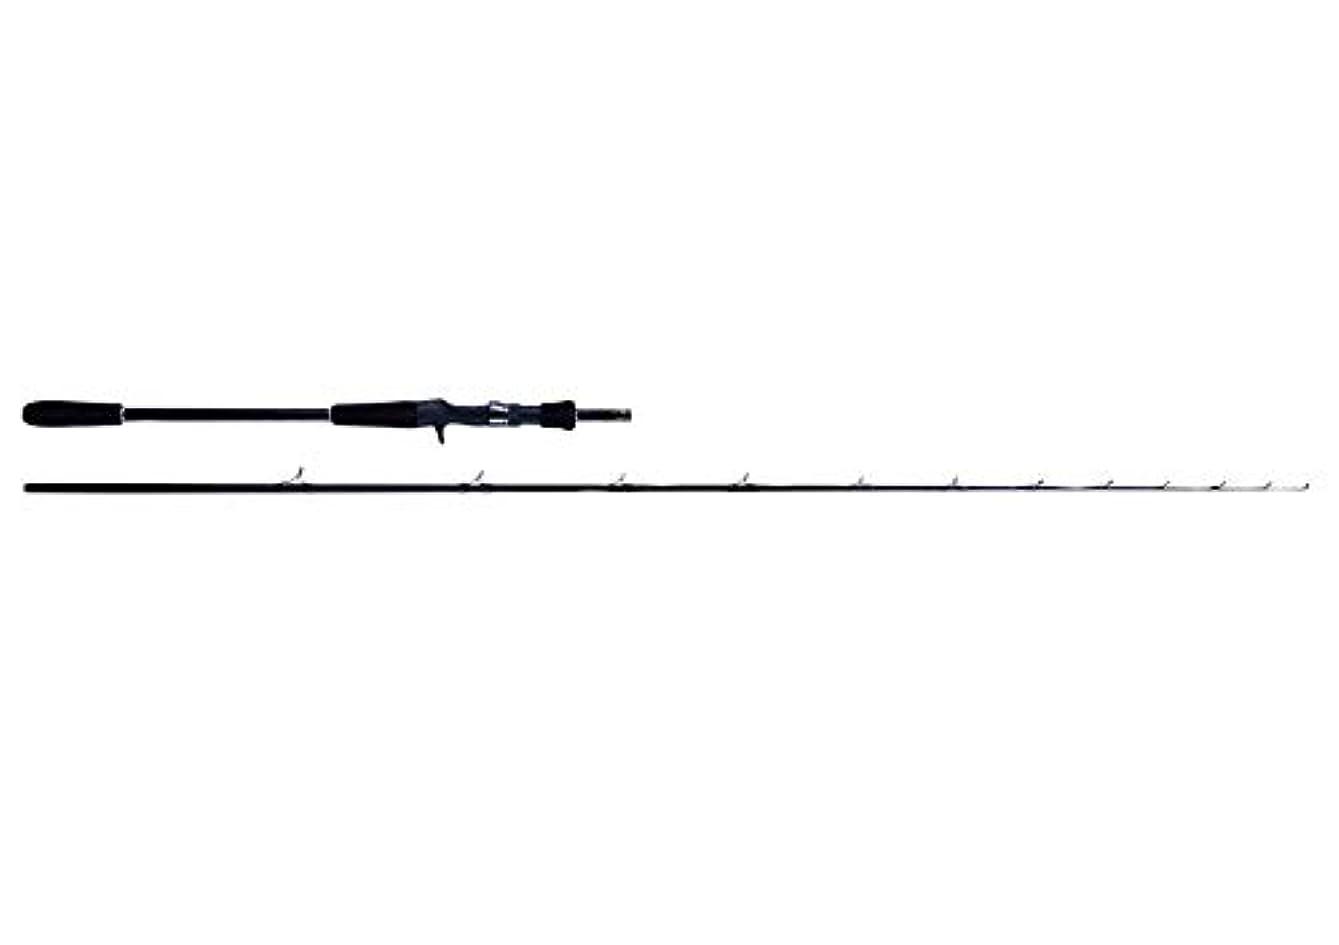 旋律的操る素晴らしい櫻井釣漁具 金剛タチウオ竿 1.85m